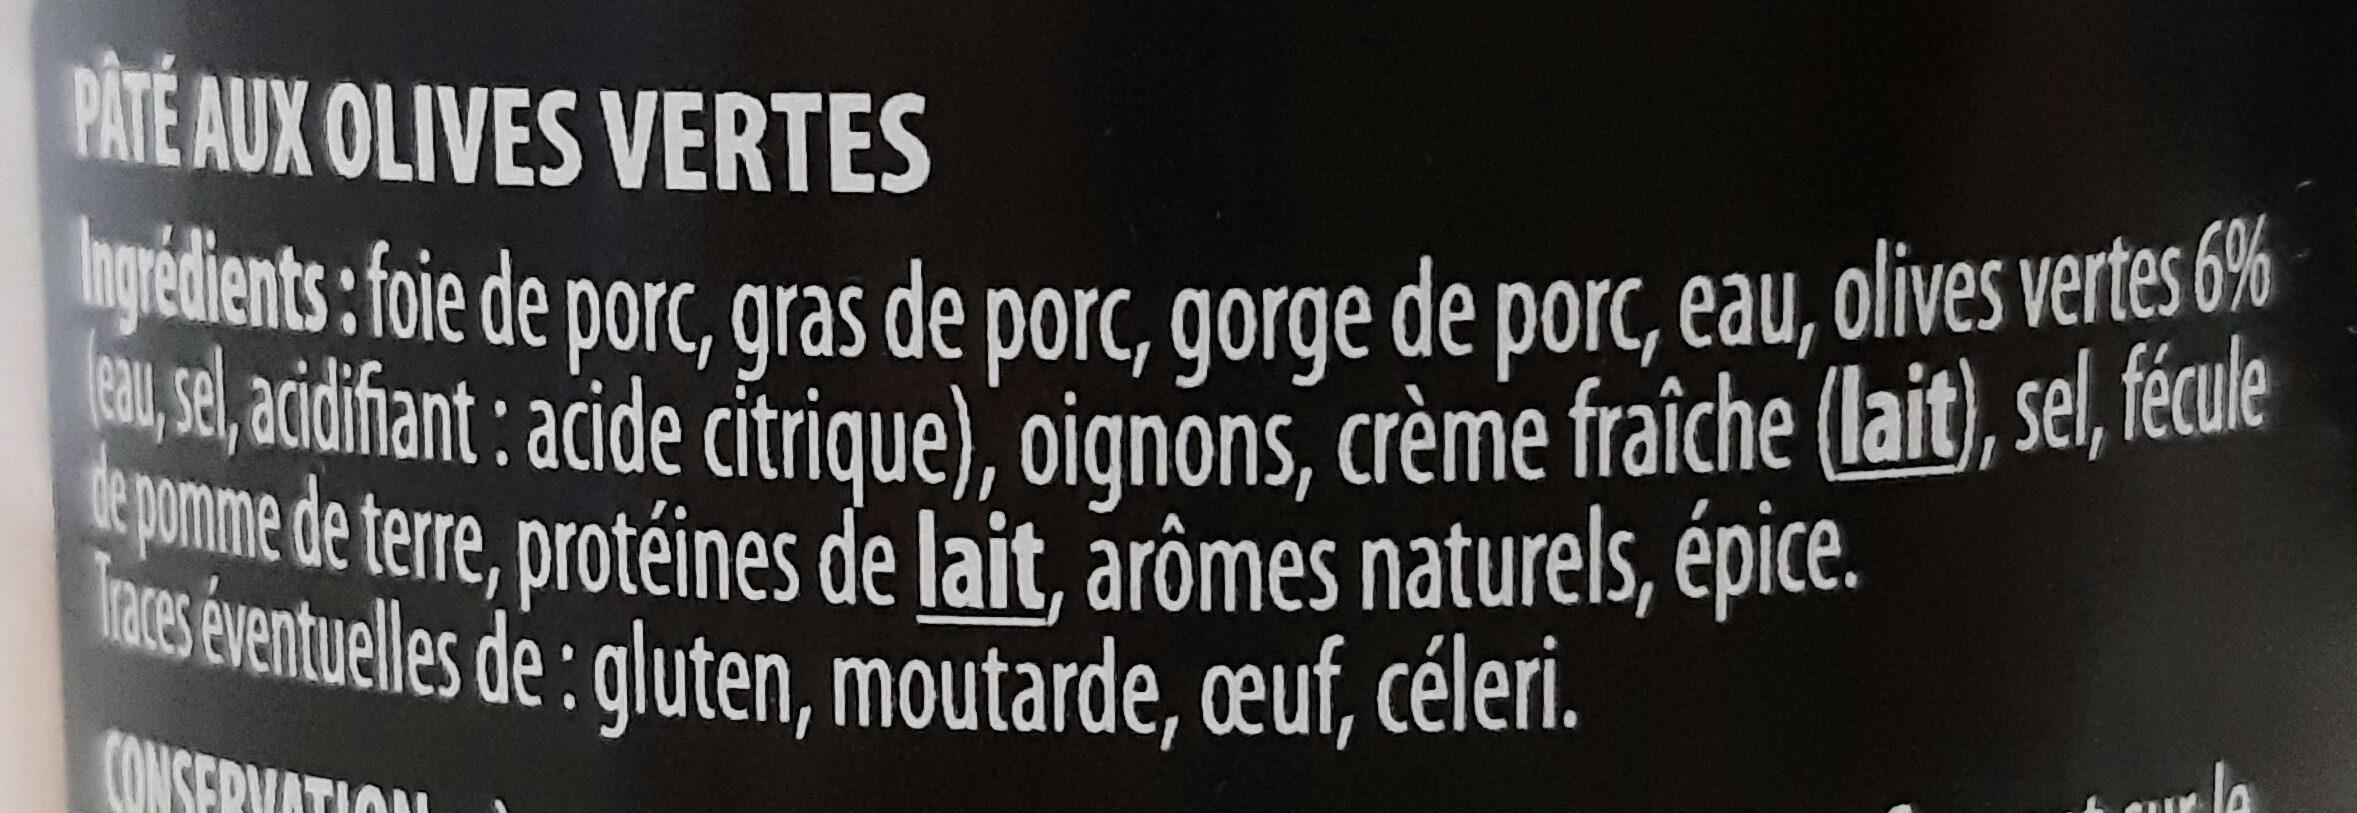 Pâté 'Apéro' olives vertes - Inhaltsstoffe